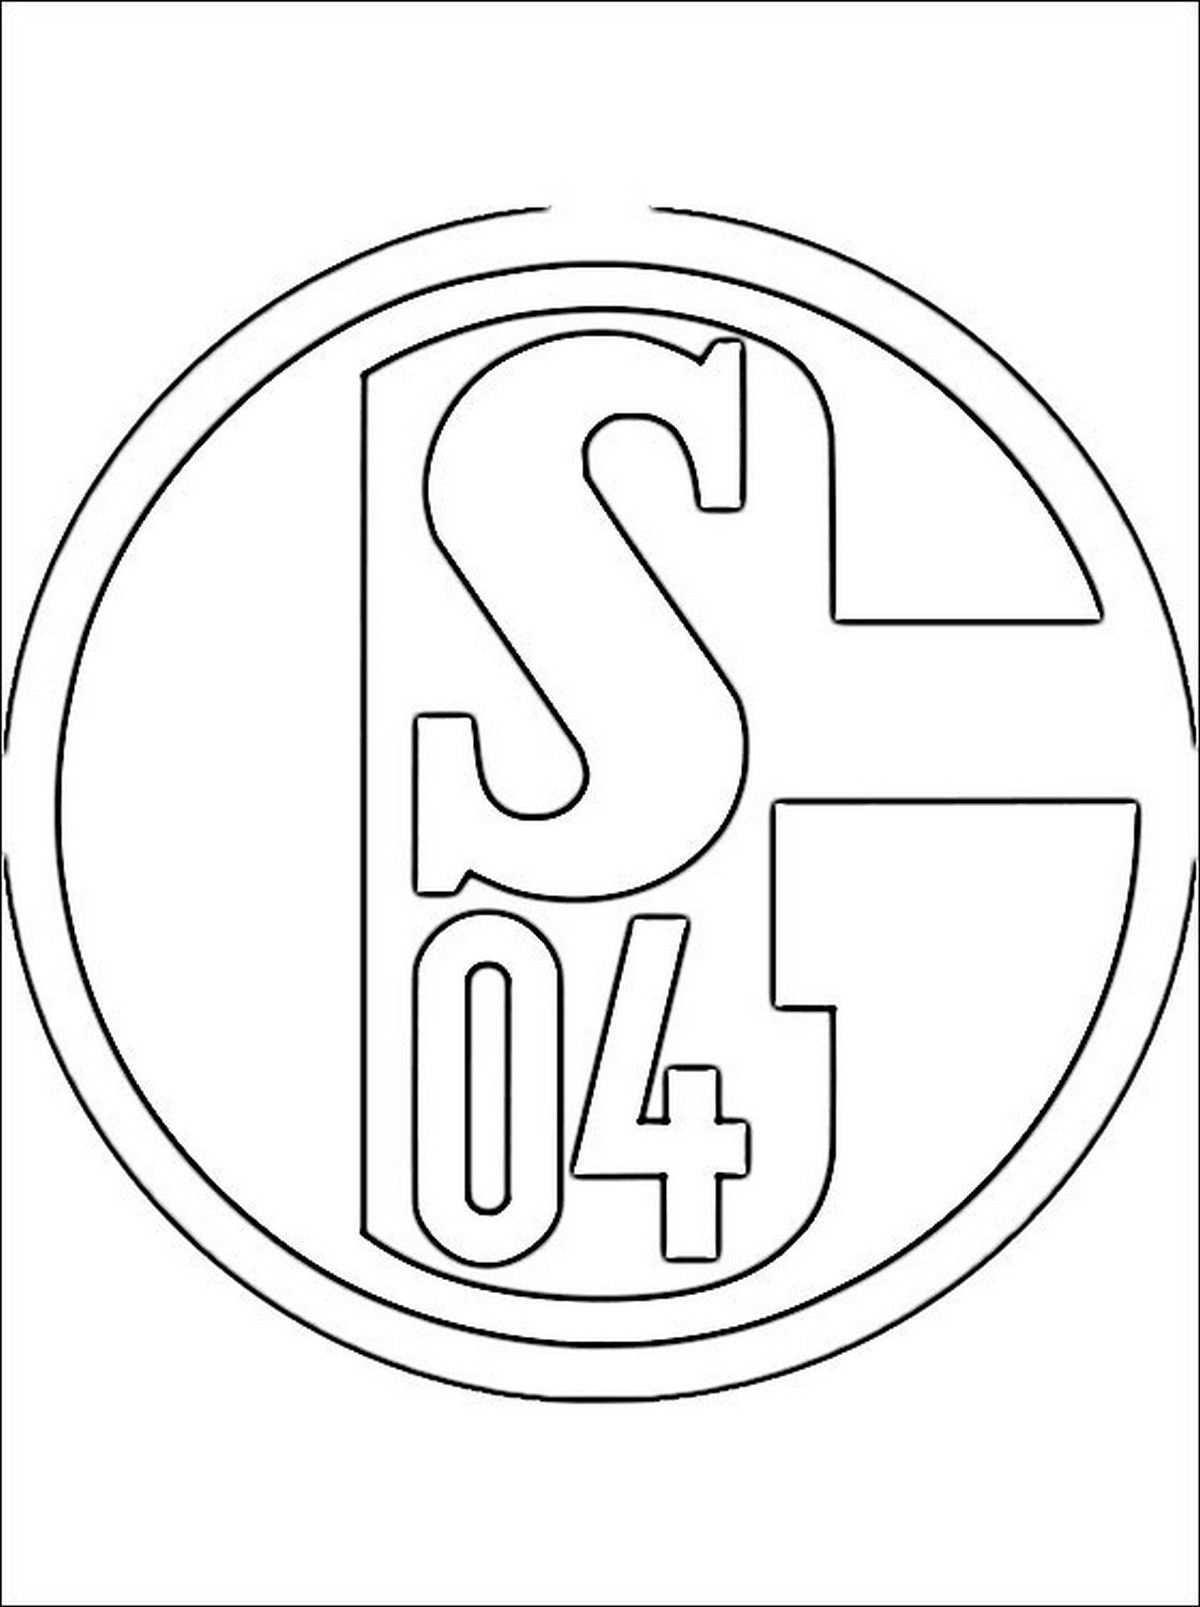 Fussball Ausmalbilder Schalke Ausmalbilder Fussball Ausmalbilder Ausmalen